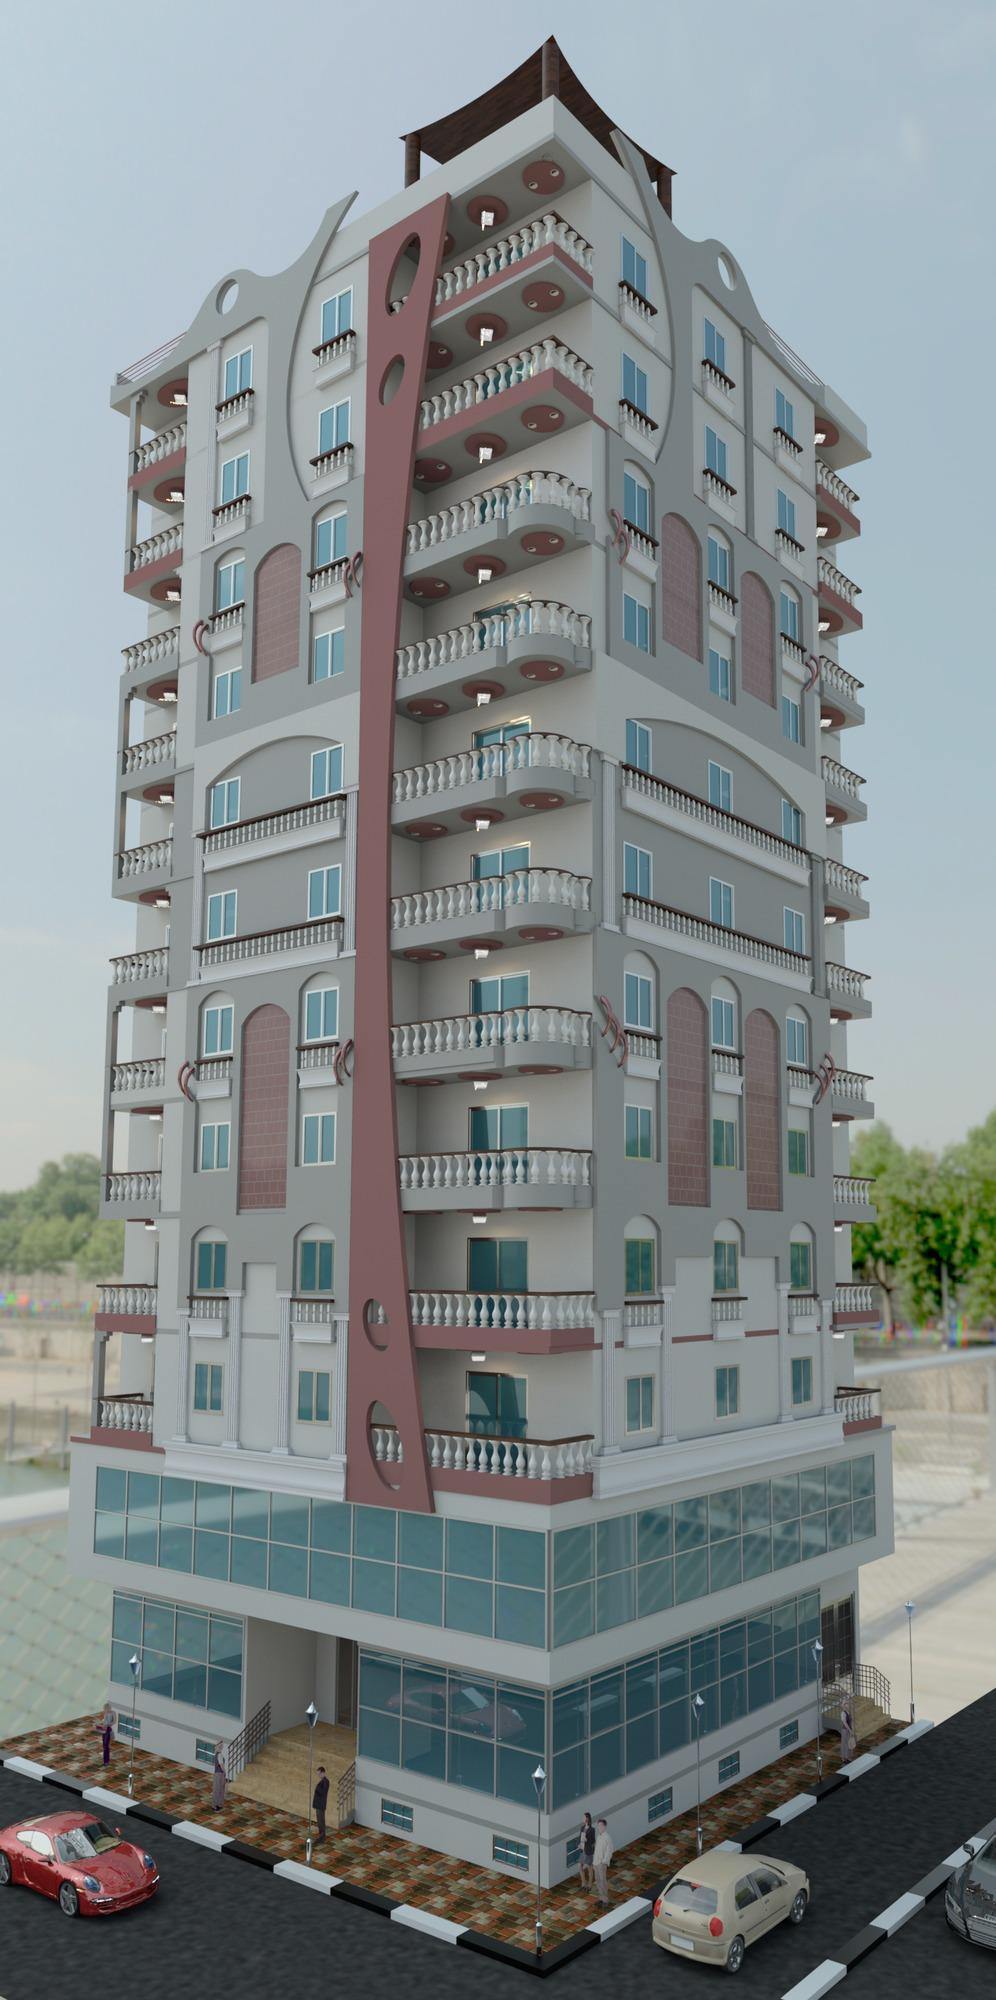 Raas-rendering20141101-1660-1csyyc9